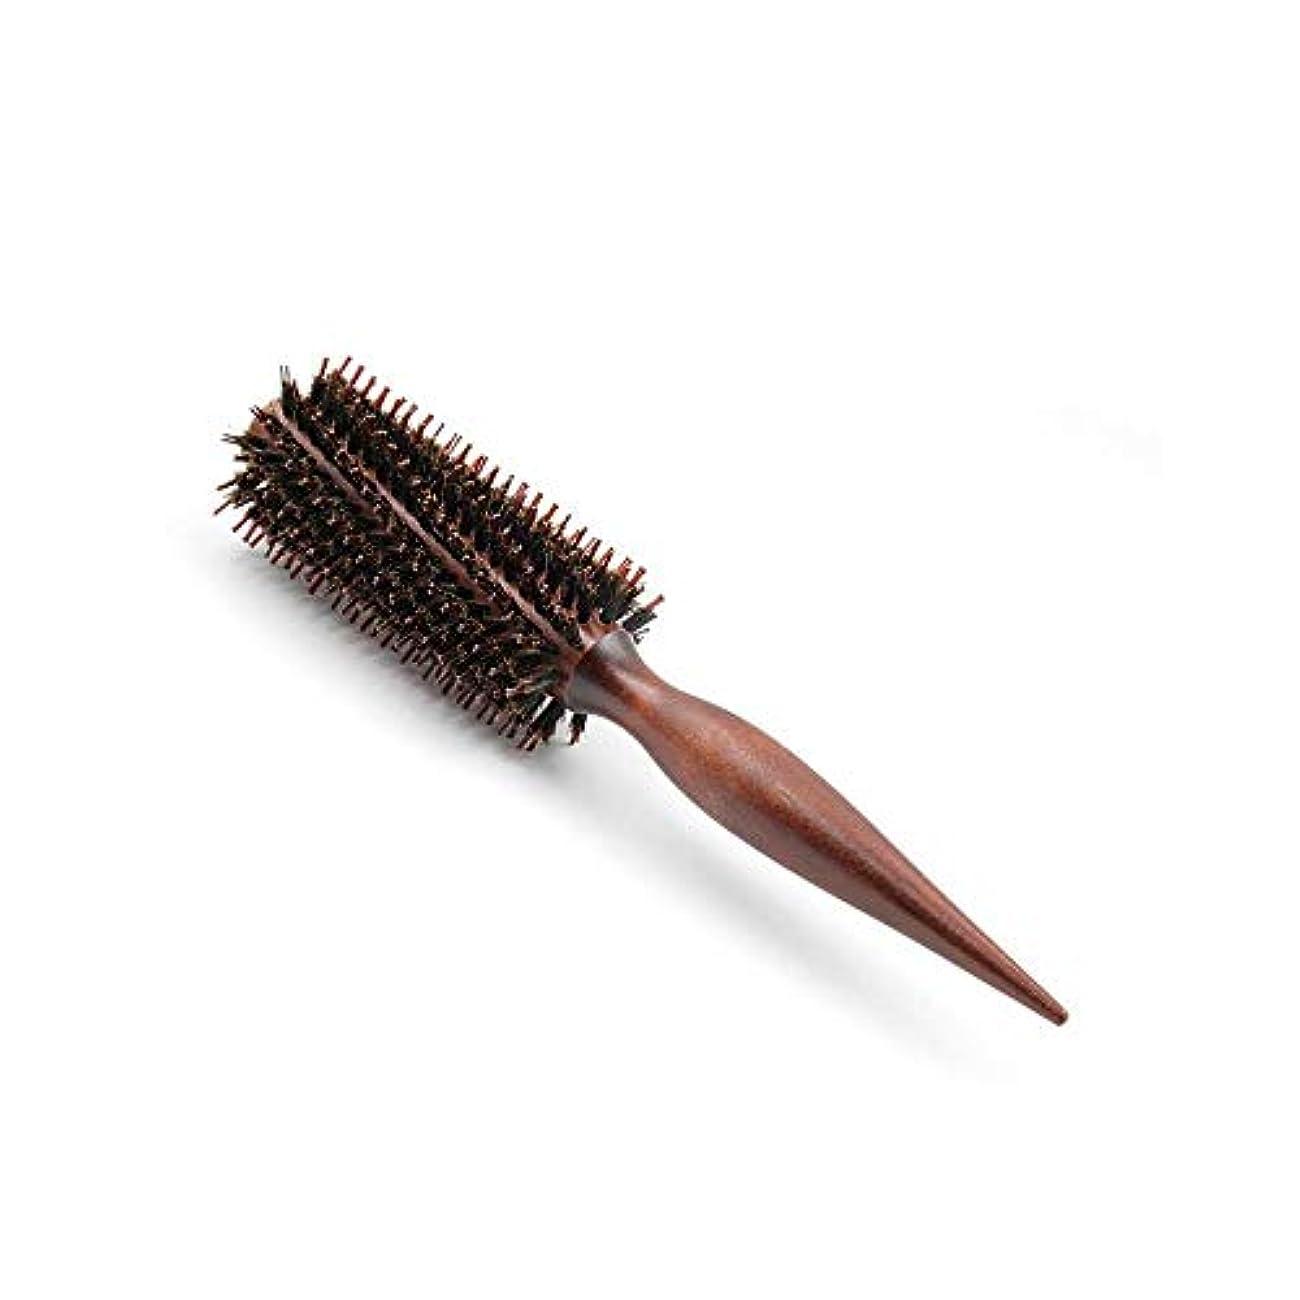 変わる終点報酬のFashian髪の毛ラウンドブラシはサロンのヘアデザインのためのドライ木製ローリングくしフェラ ヘアケア (Design : Twill, サイズ : 12 rows)